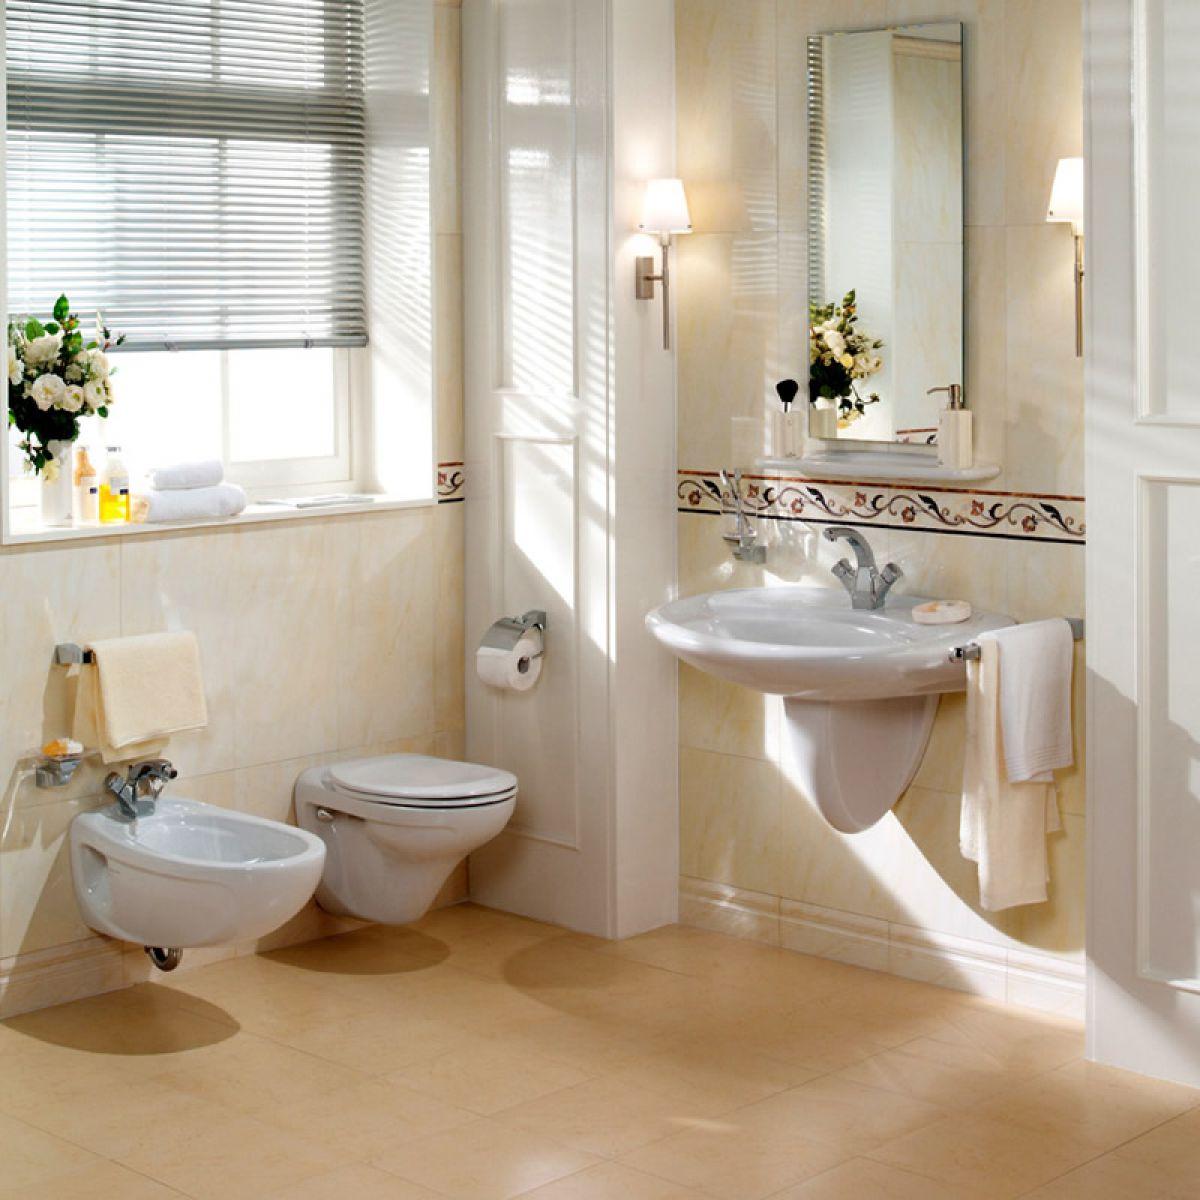 villeroy boch salamanca tile 3137 40 x 40cm uk bathrooms. Black Bedroom Furniture Sets. Home Design Ideas